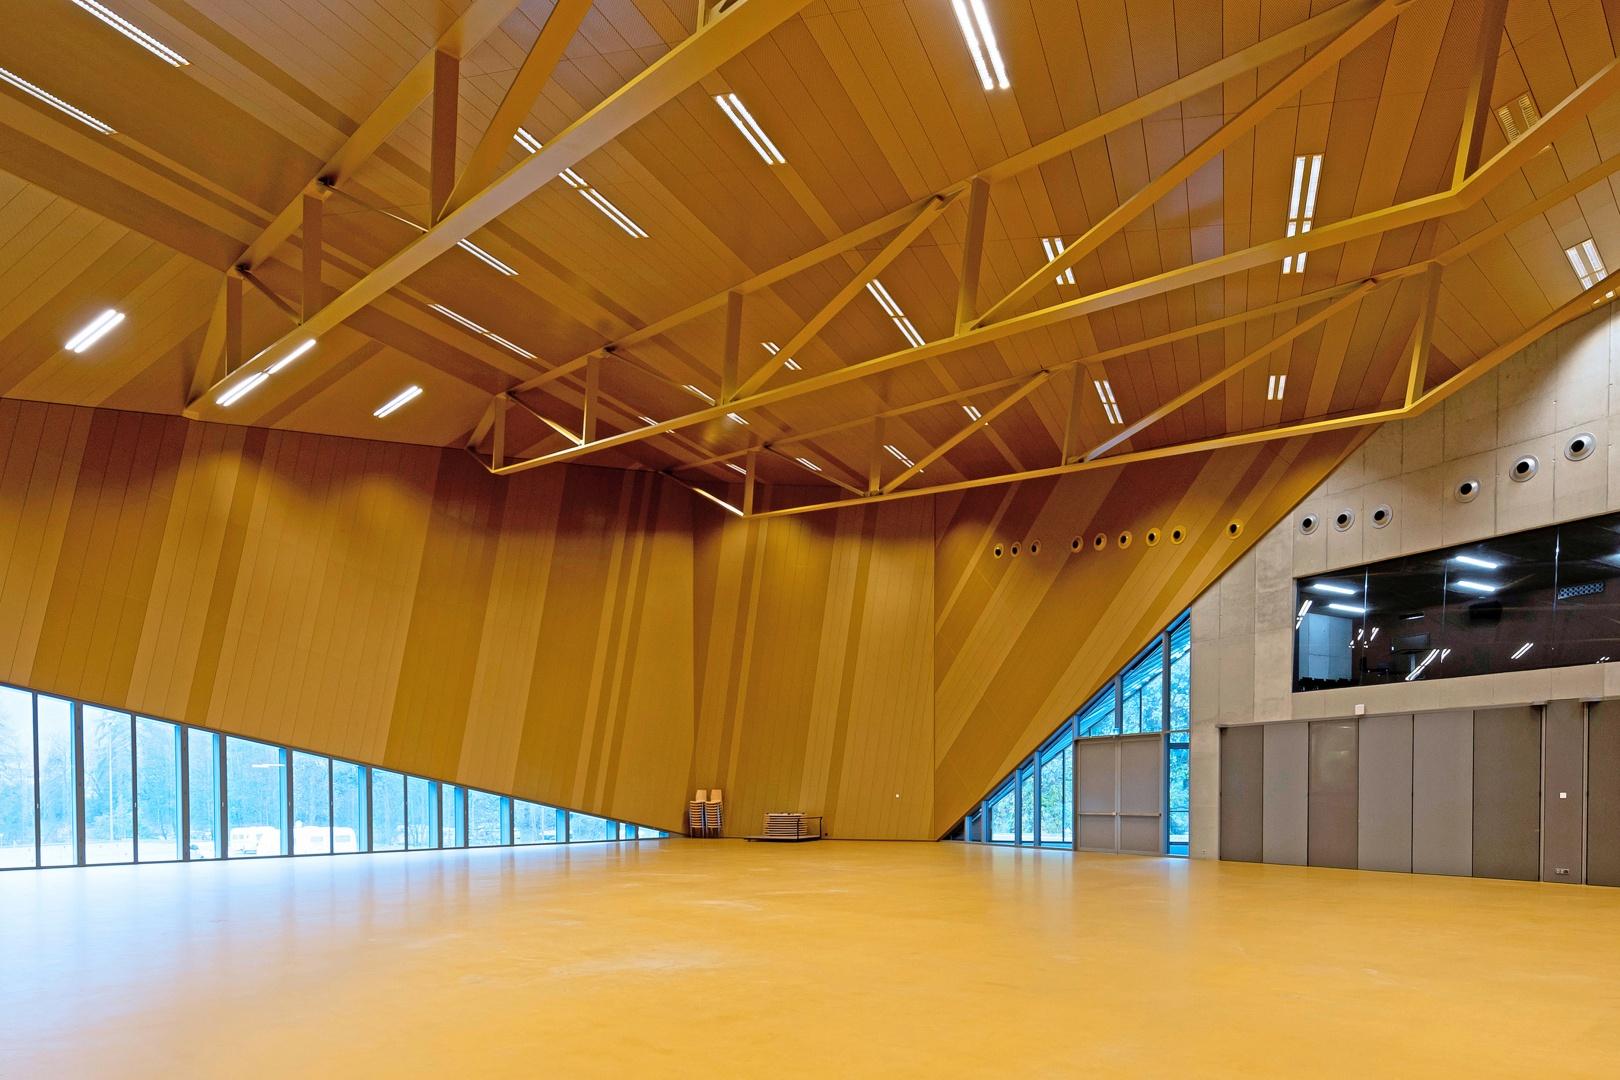 Vue Intérieur - 2 © Pierre Boss, Rue de l'industrie 1  1020 Renens VD (Libre de droits)